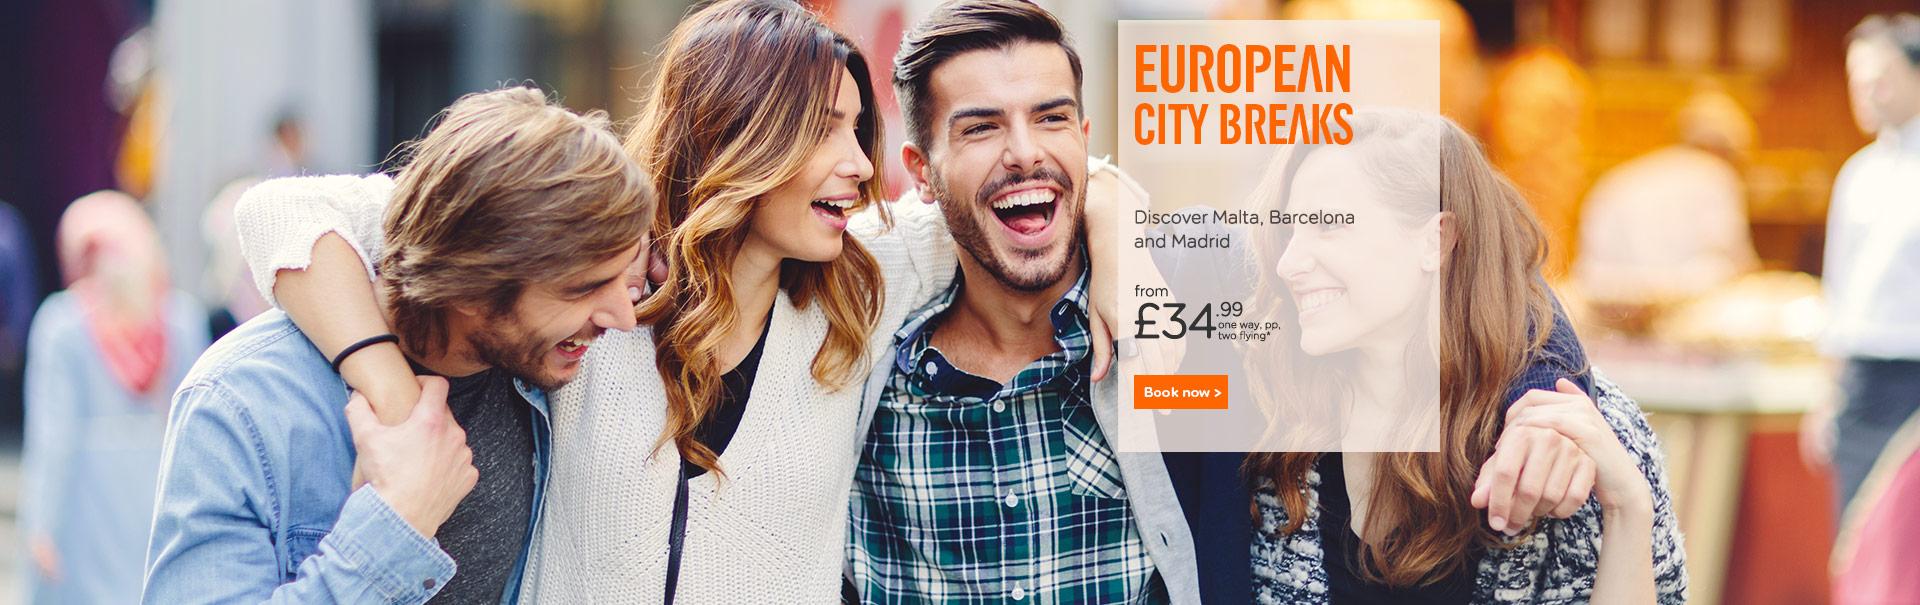 Berlin - Kopenhagen - Berlin ab 20€ Hin- und Rückflug möglich.